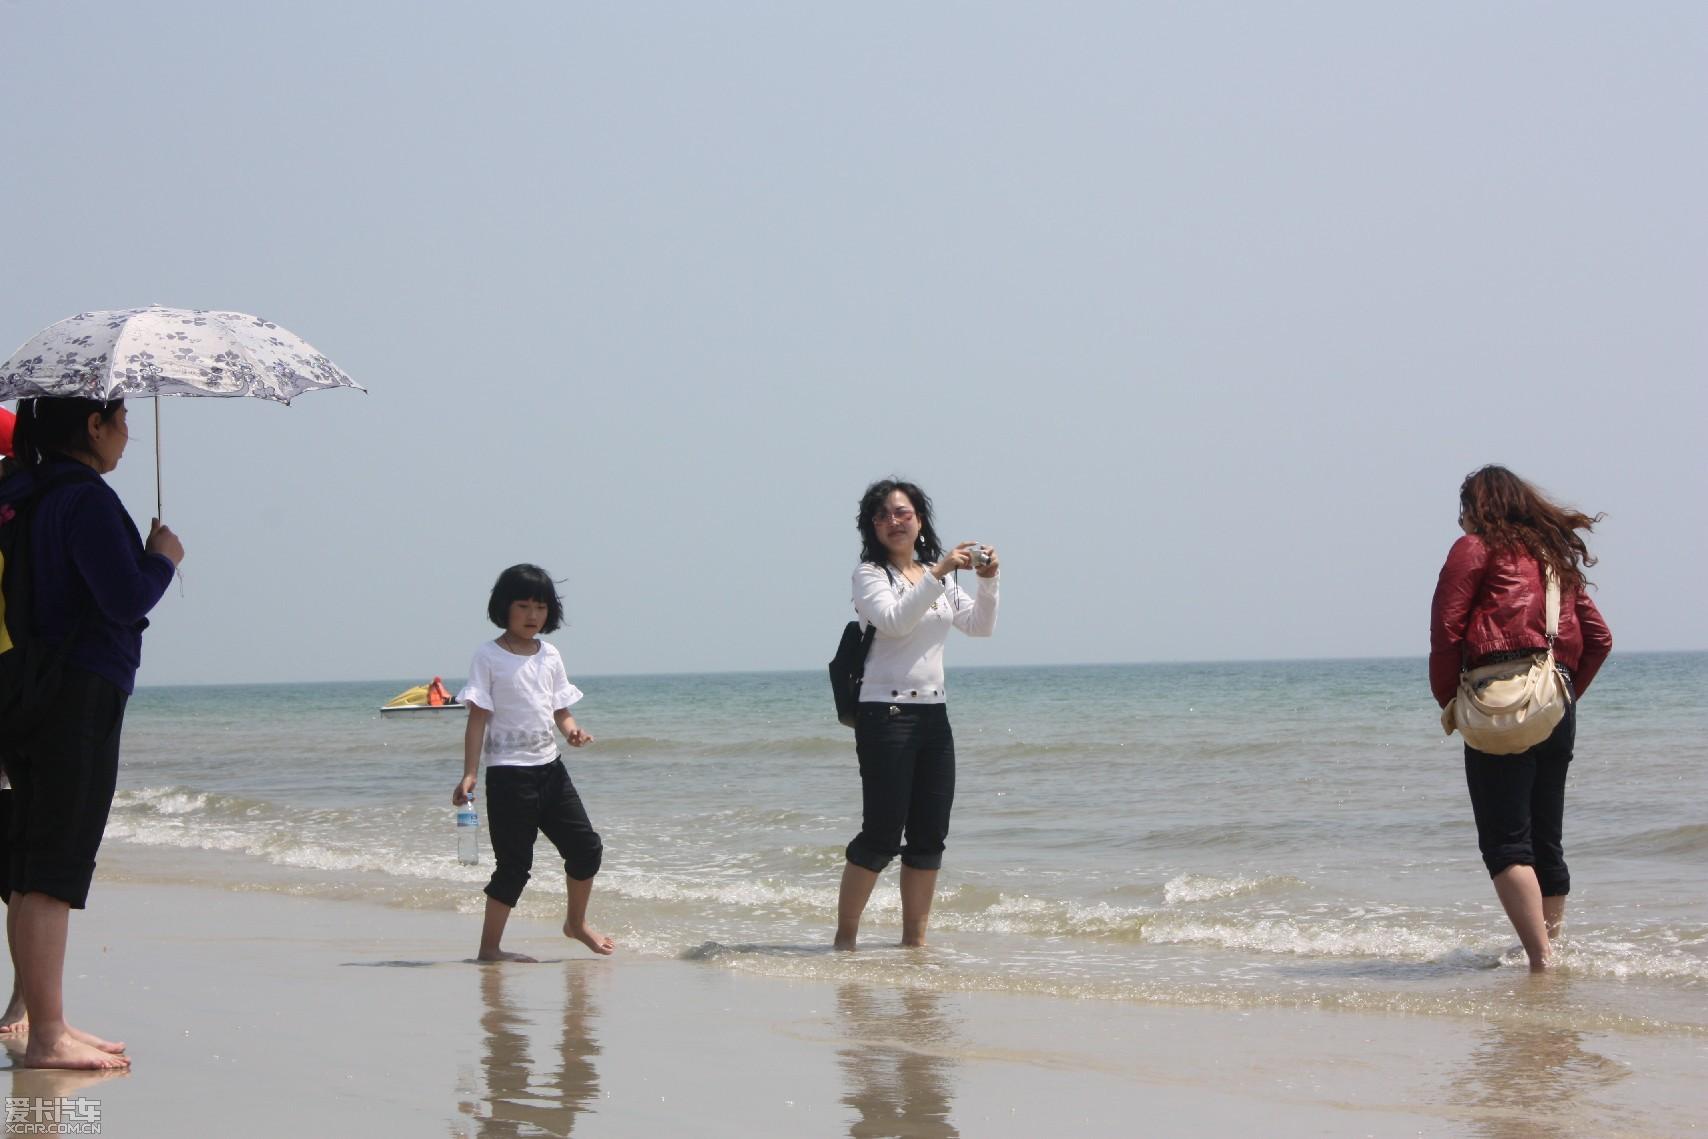 【精华】沙滩海岸美女还有美女,广西北海行阳光搓搓图片